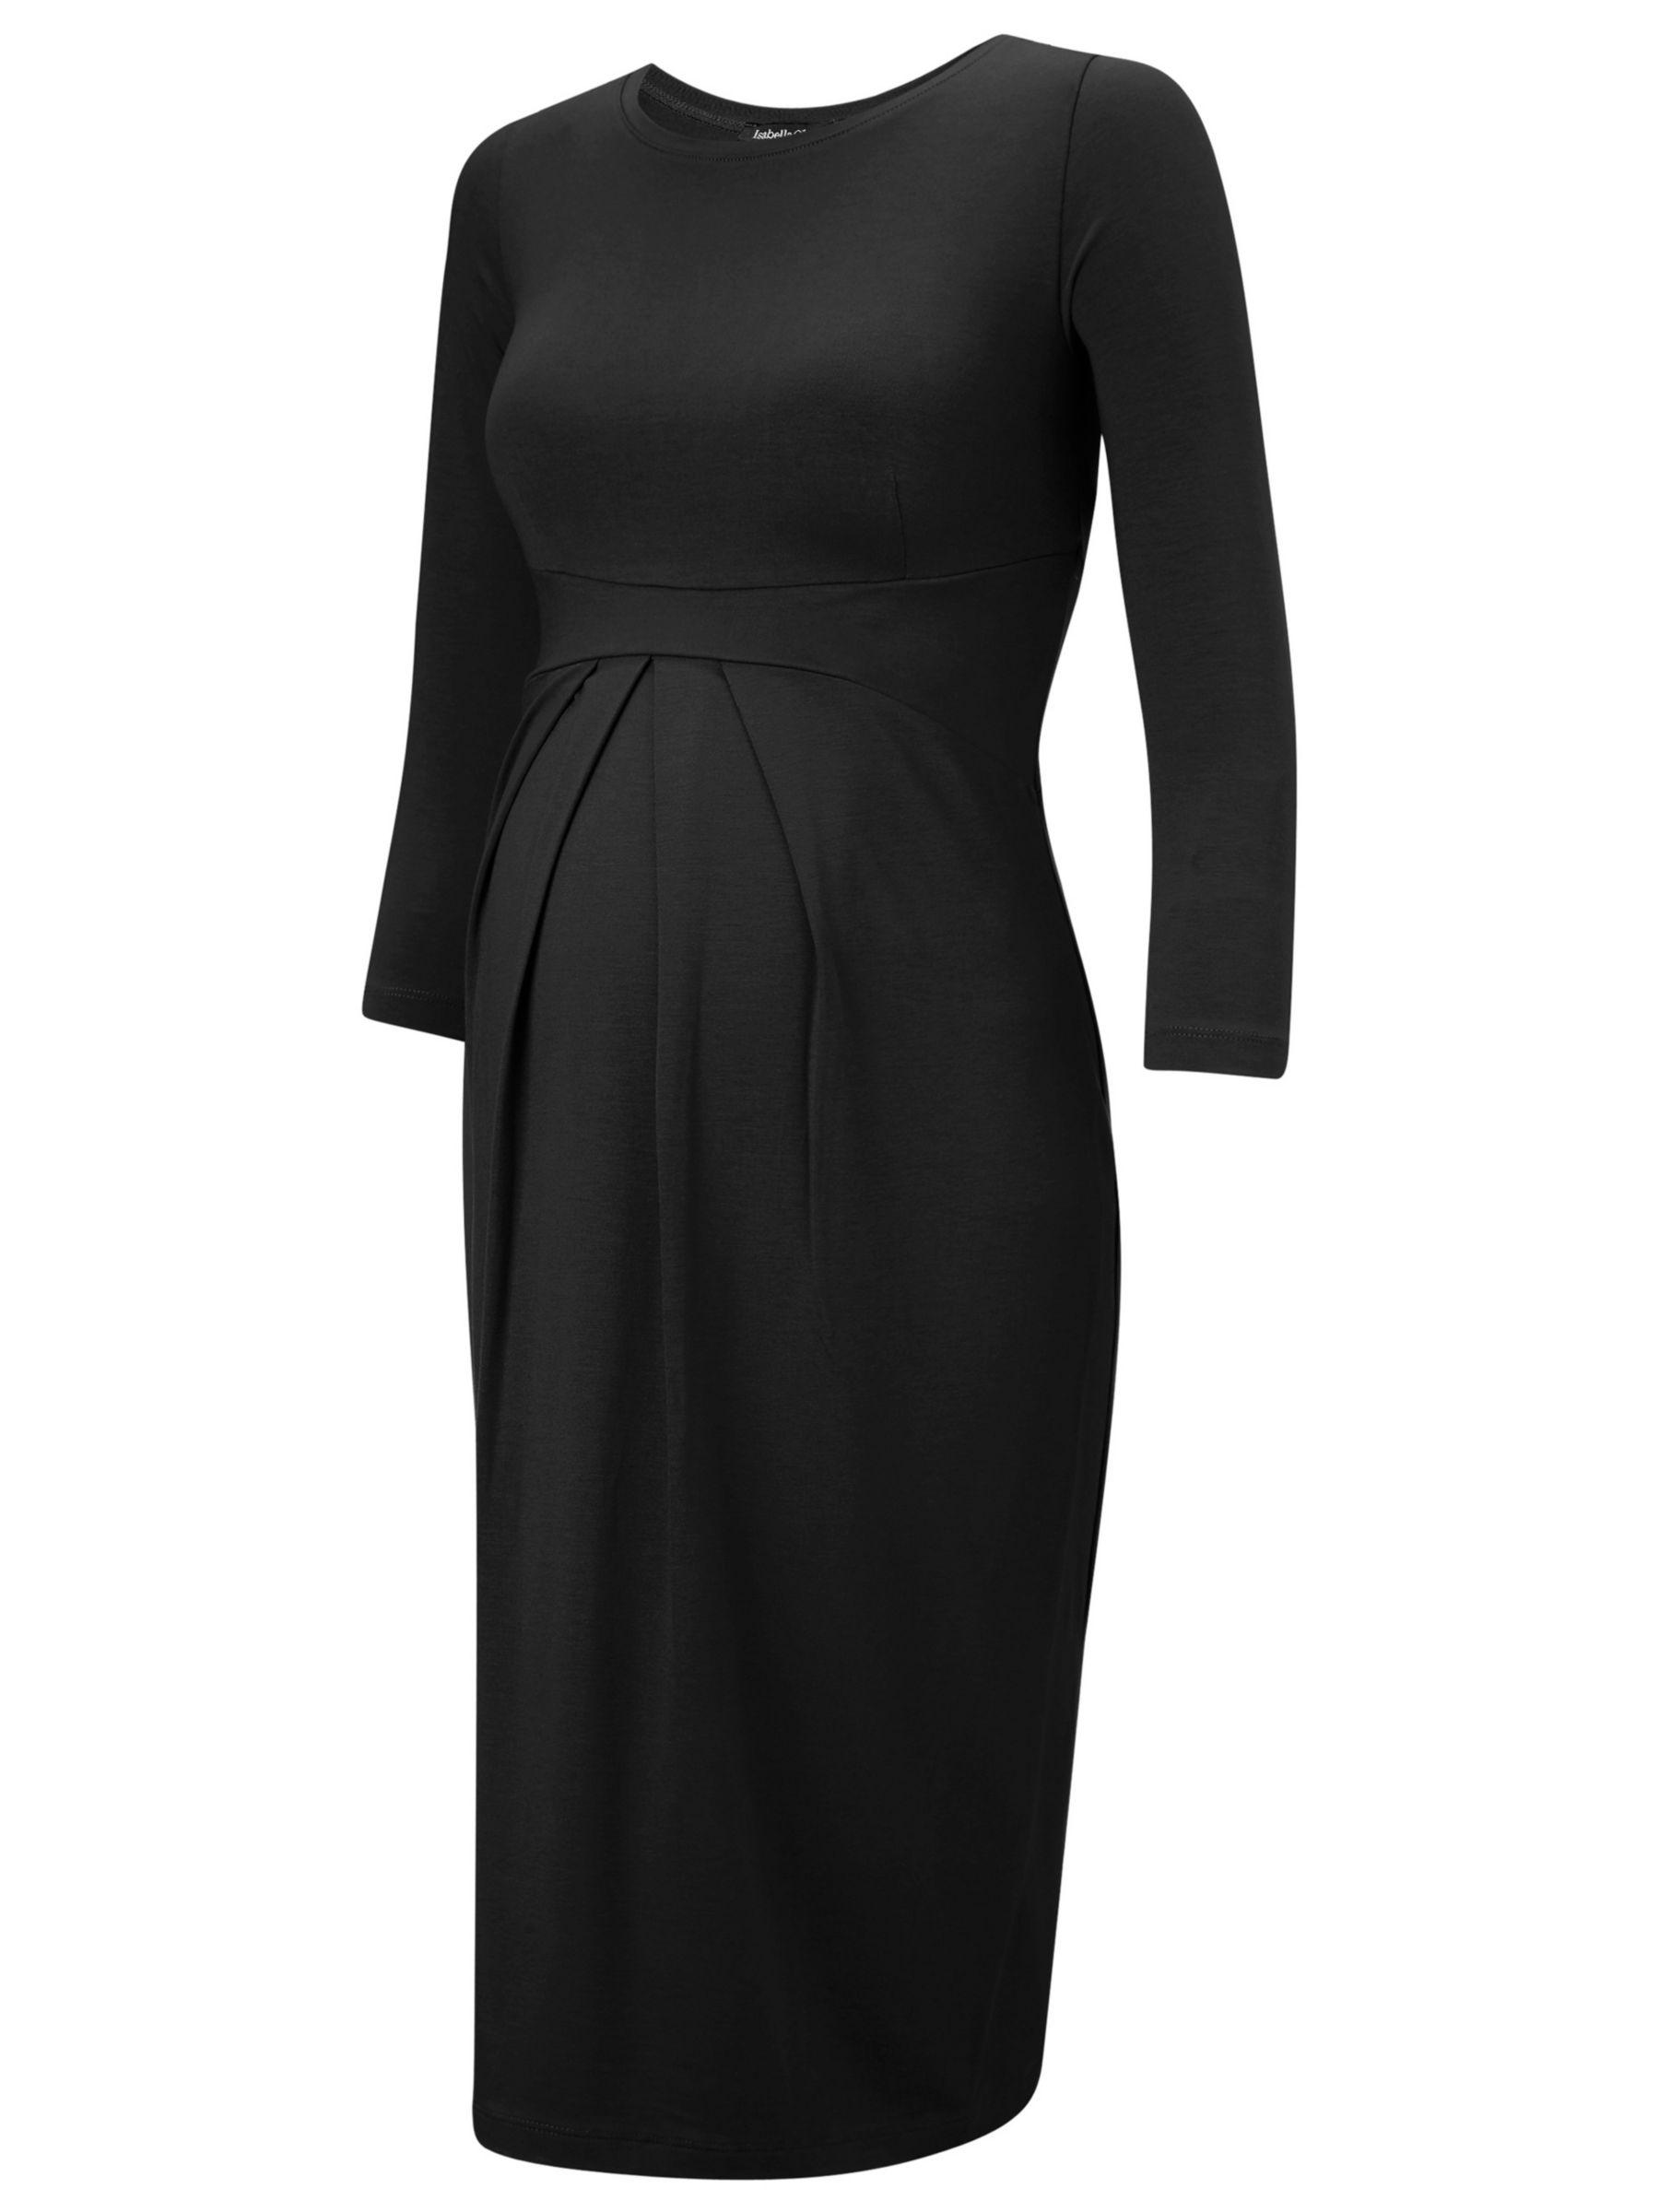 Isabella Oliver Isabella Oliver Ivybridge Dress, Black